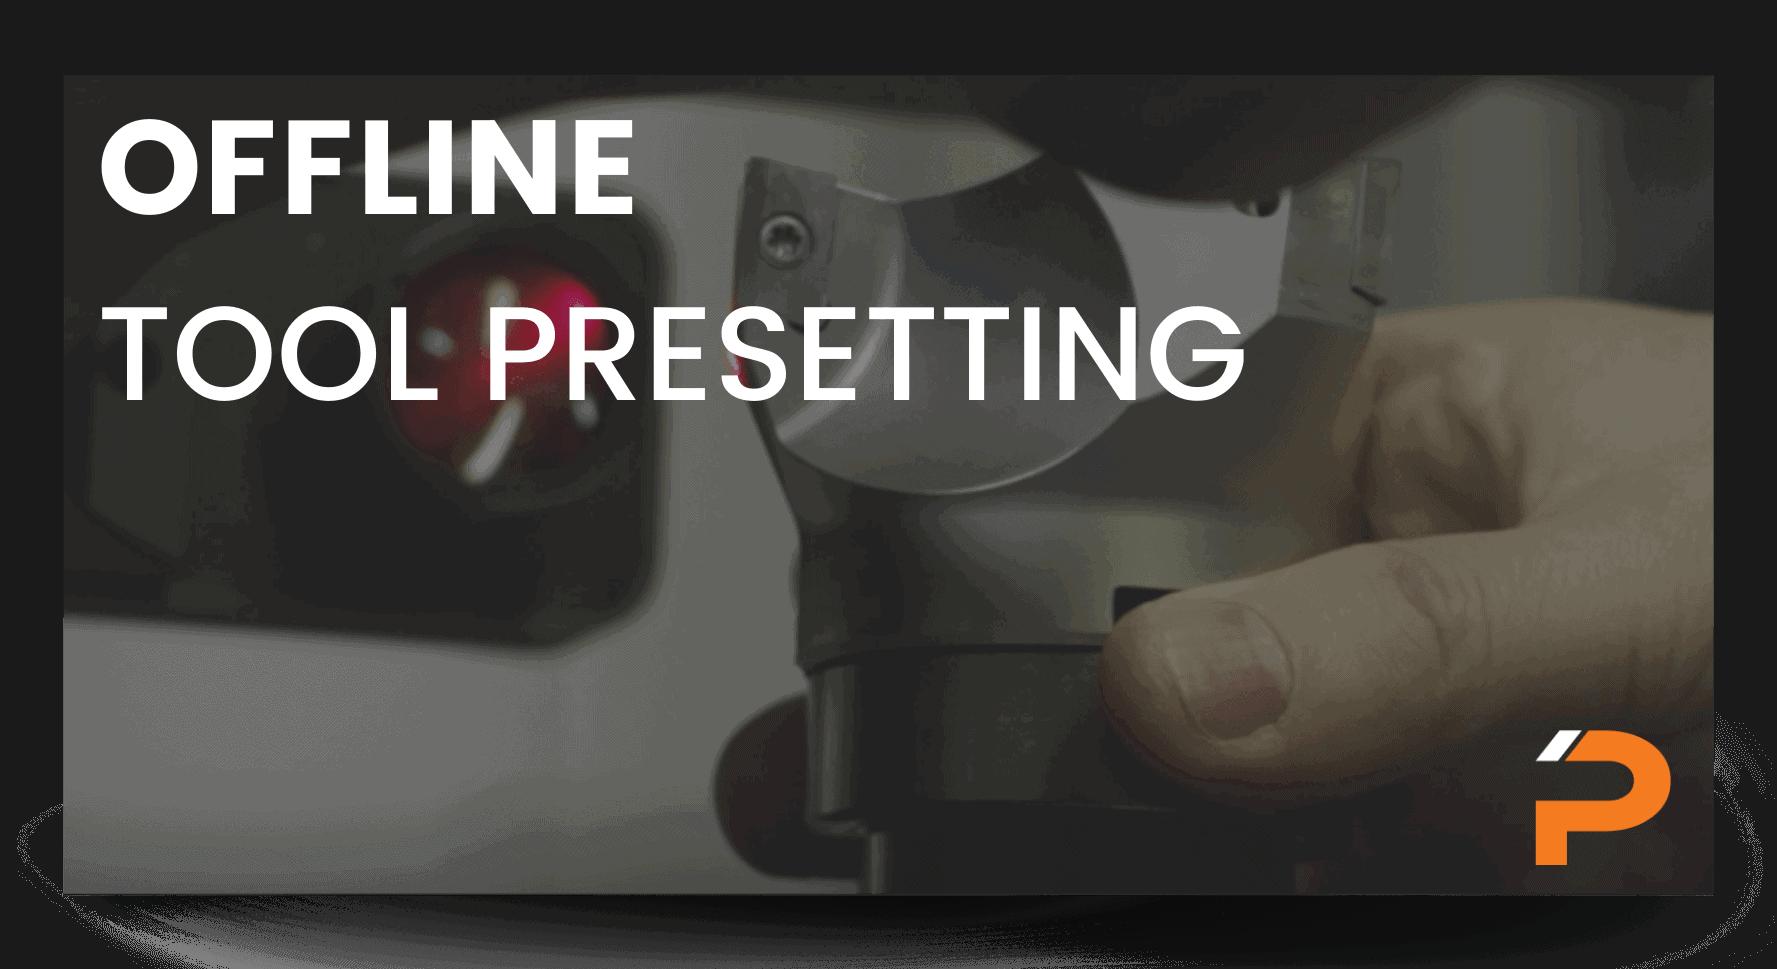 Blog for Offline tool presetting